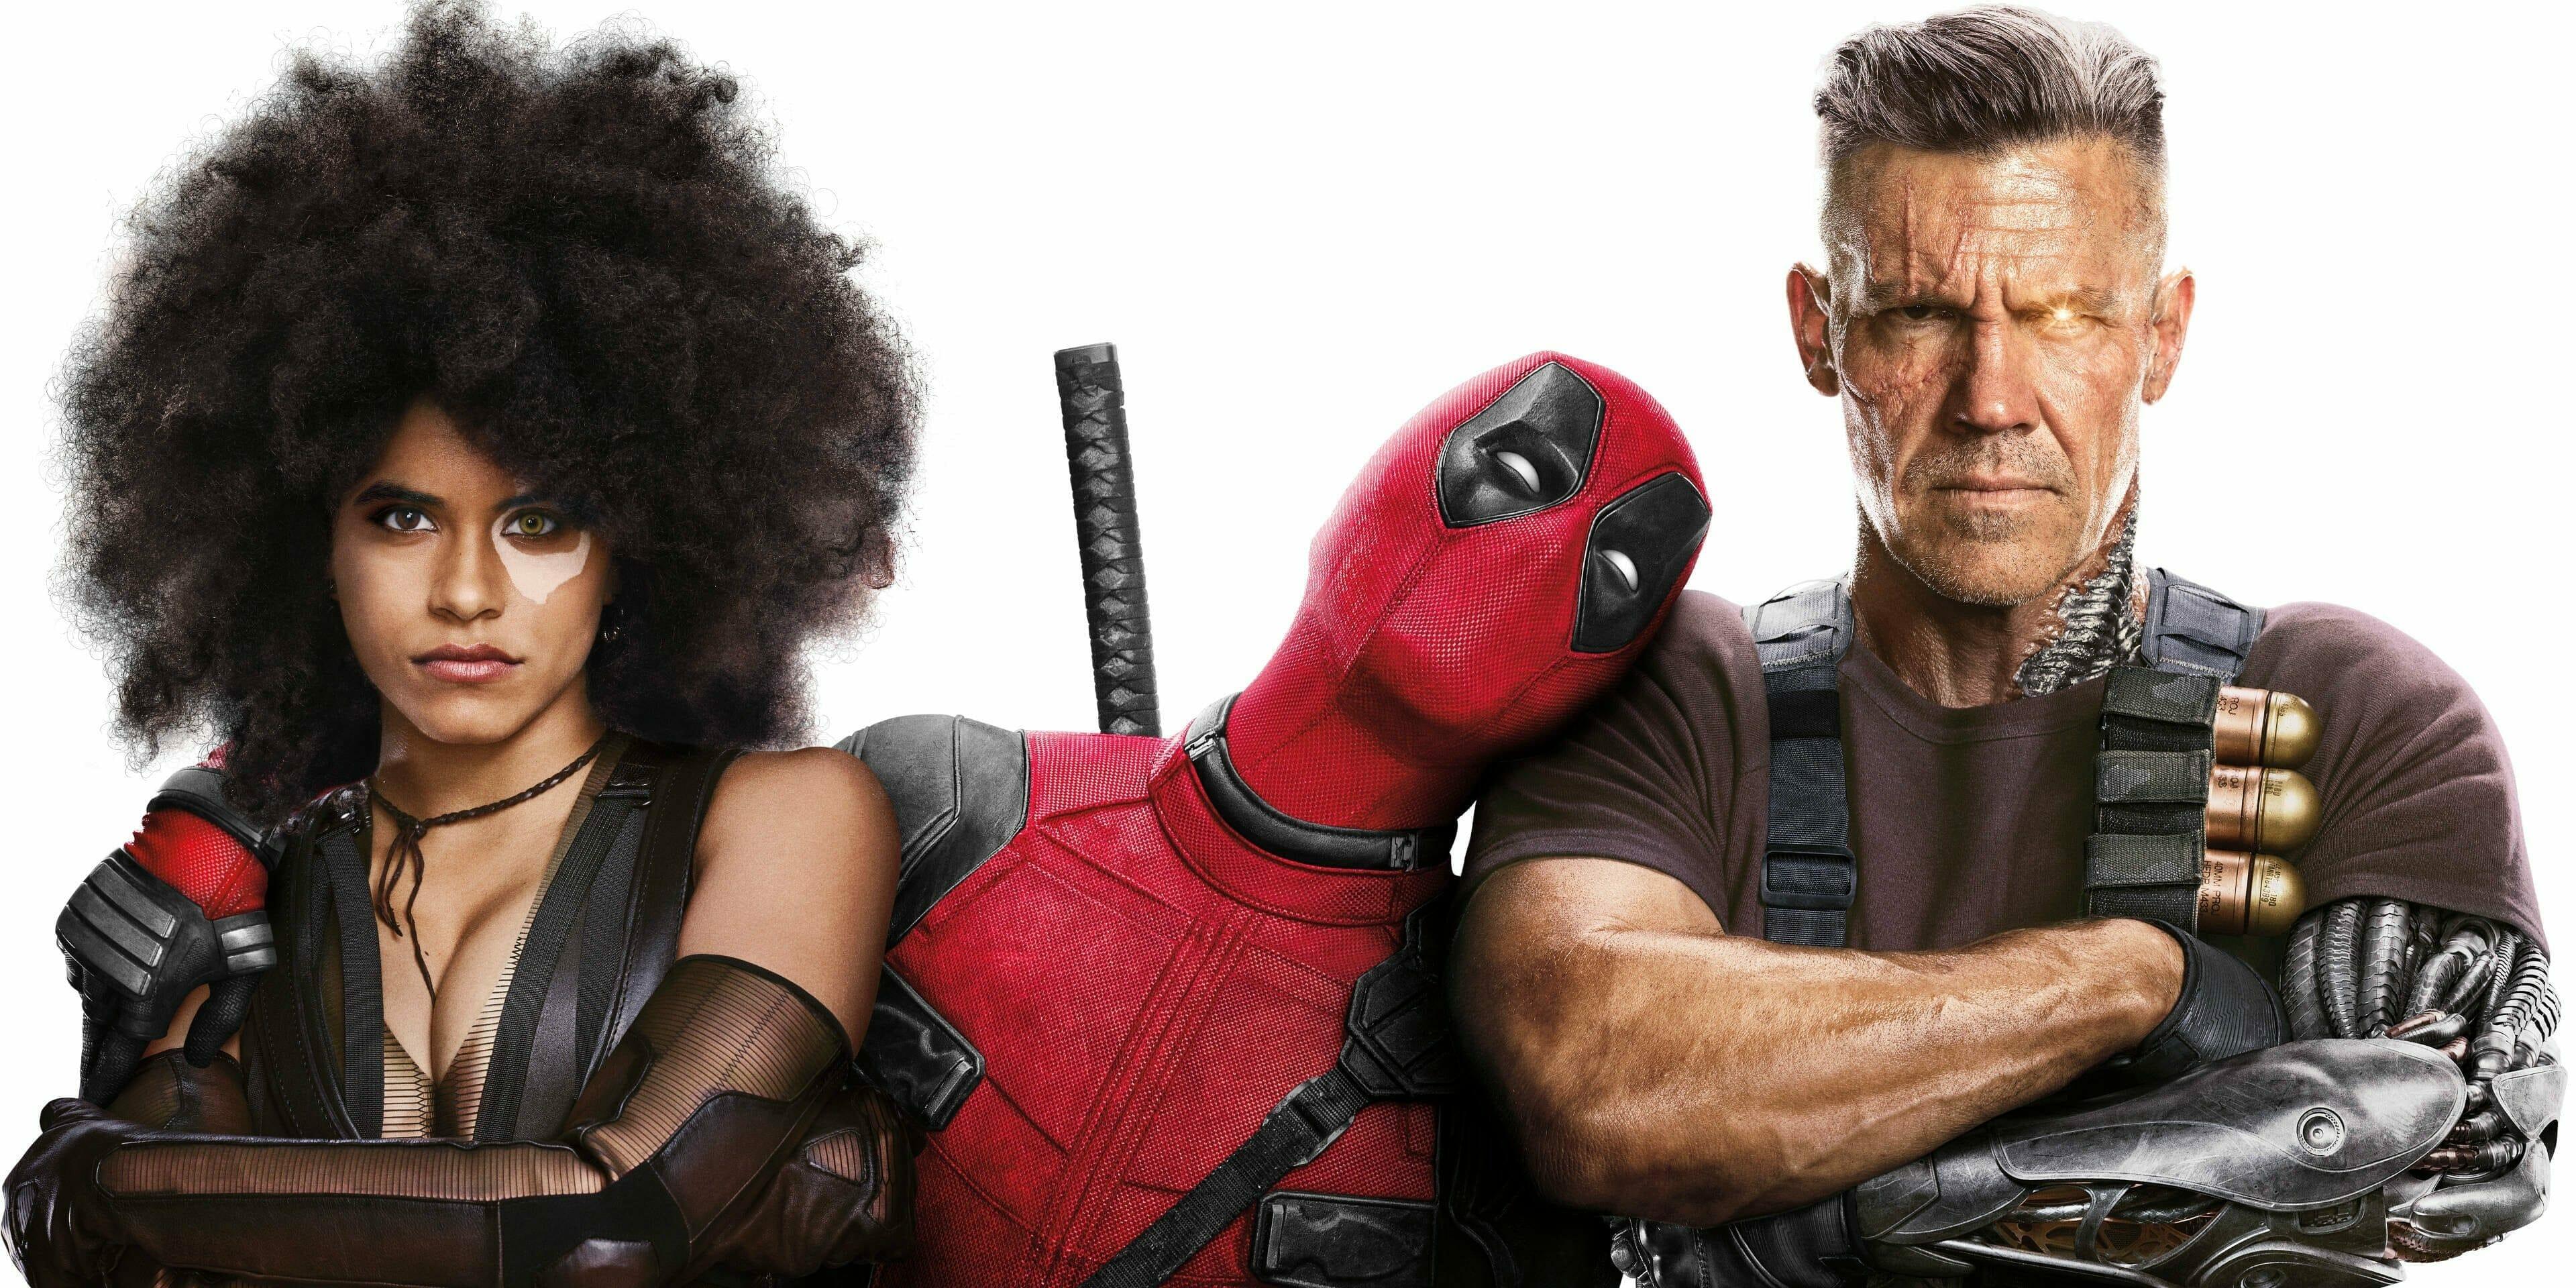 'Deadpool 2' is X-hausting